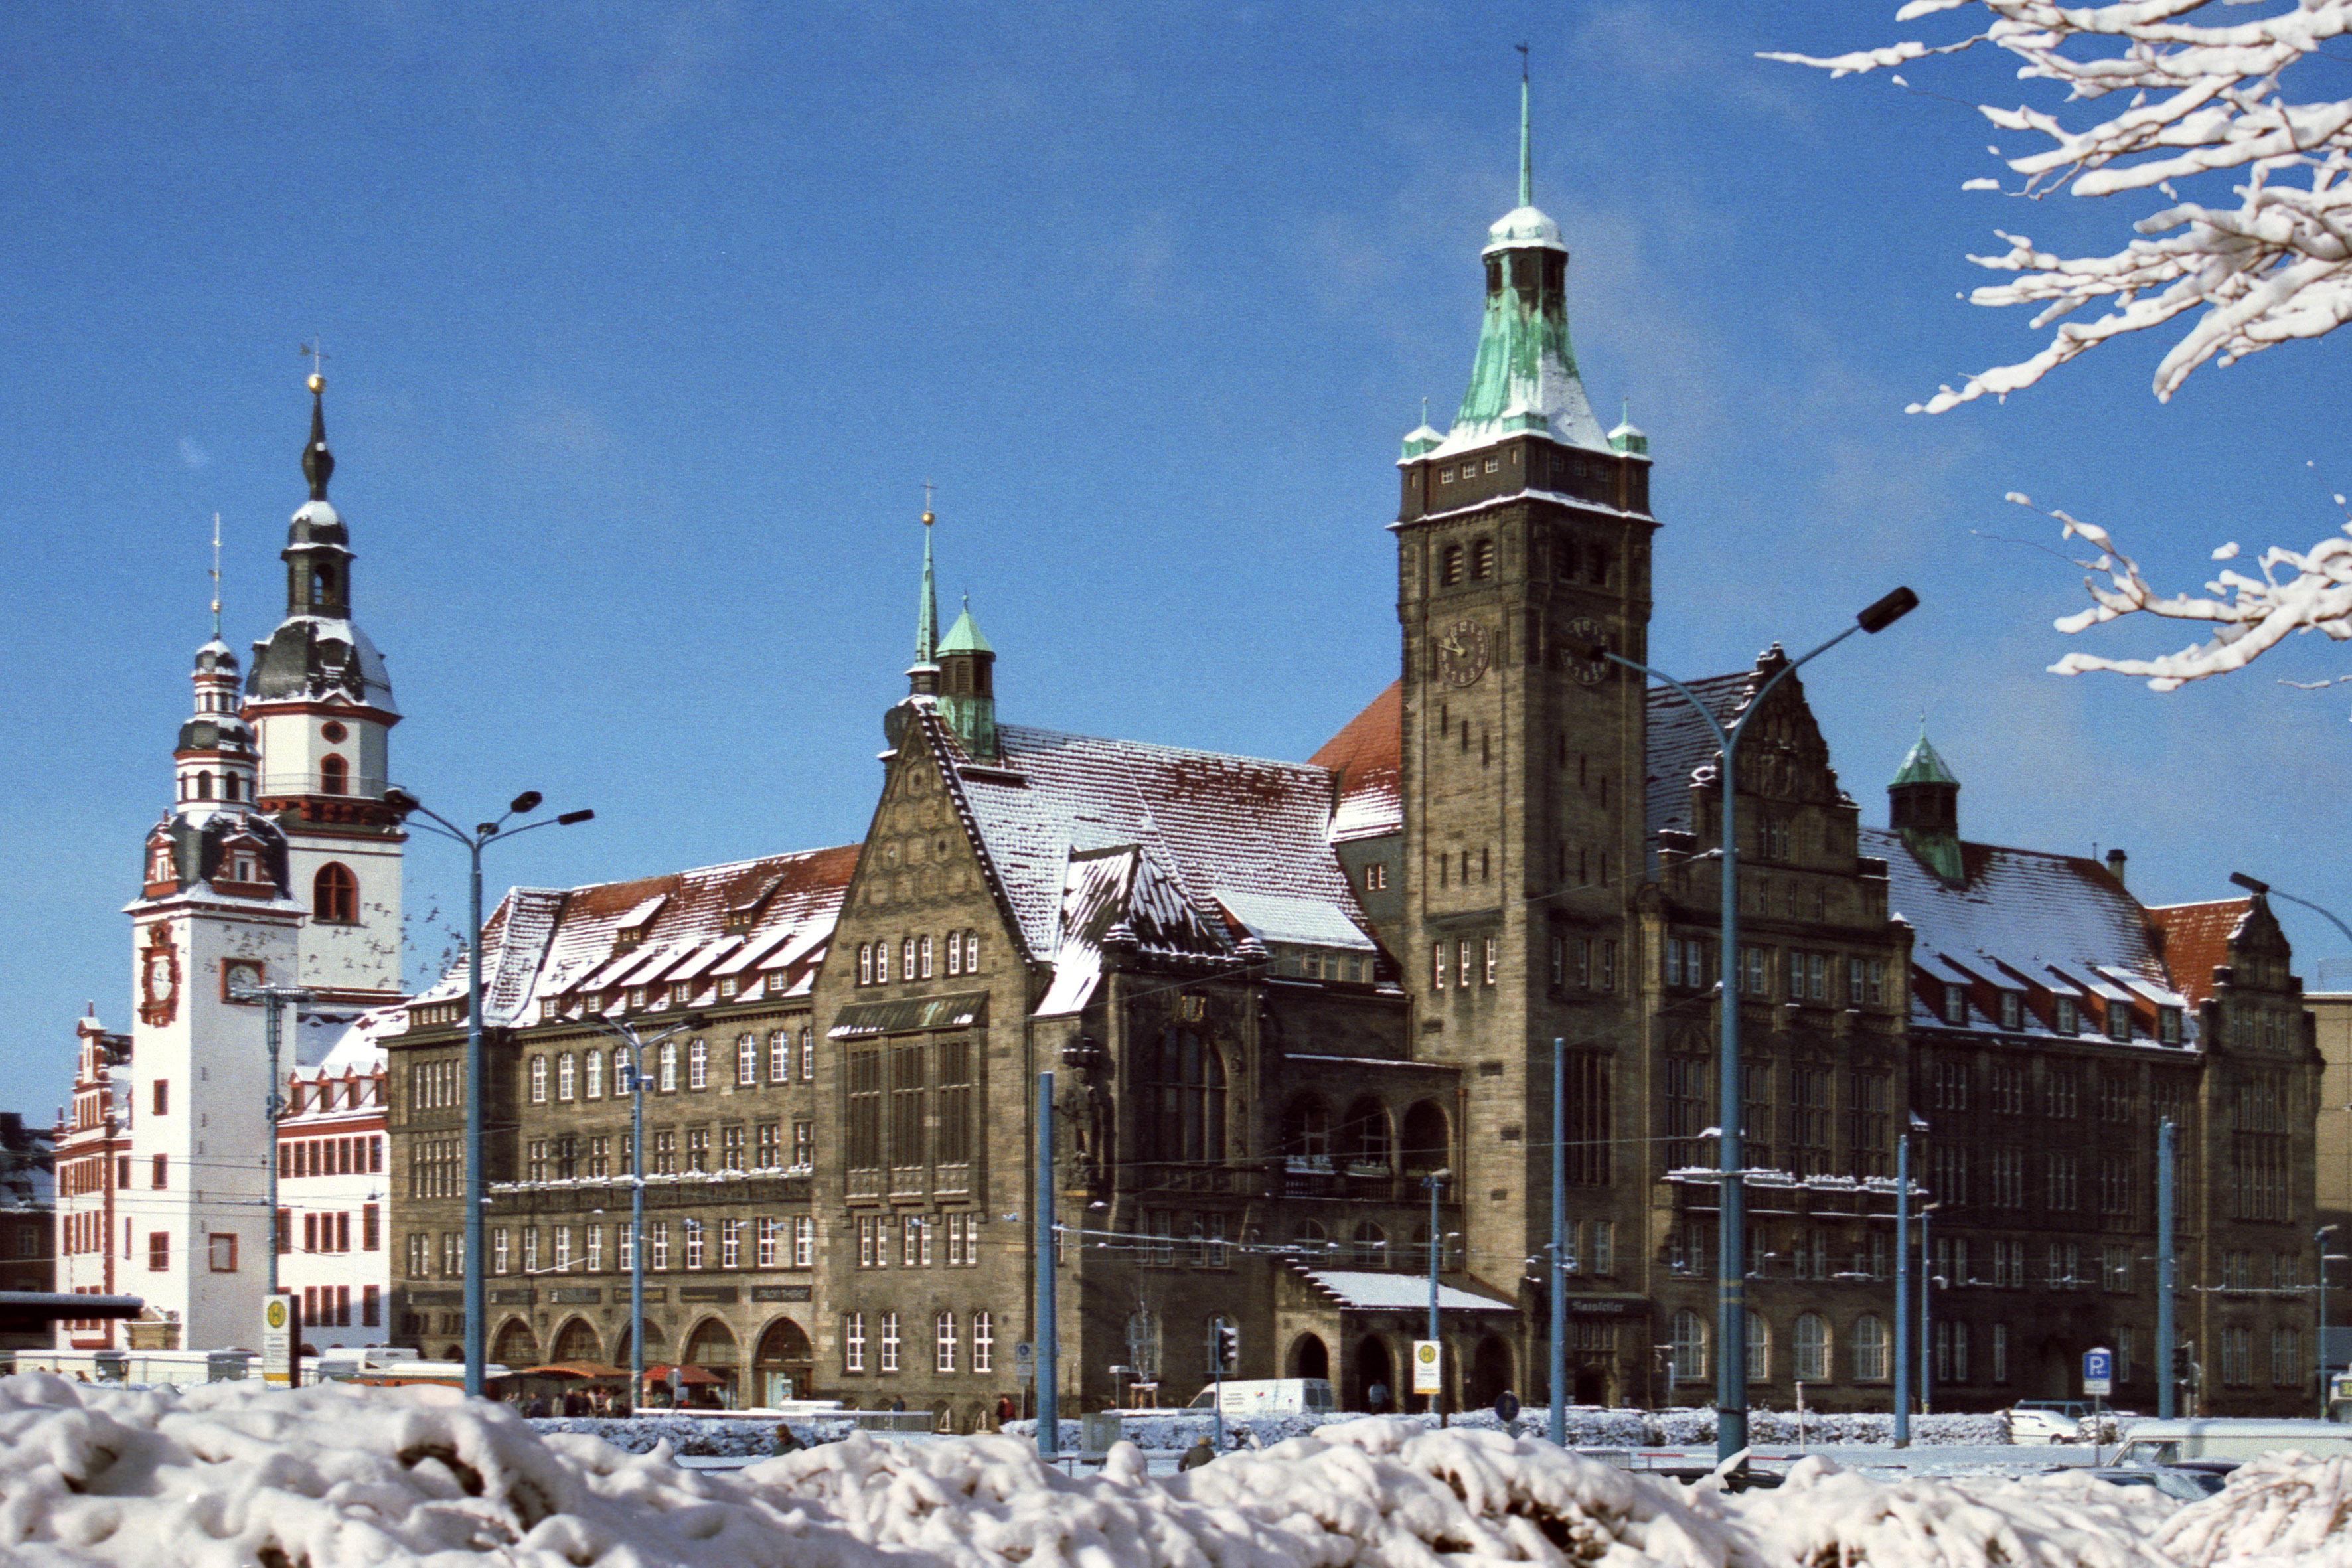 Depiction of Chemnitz